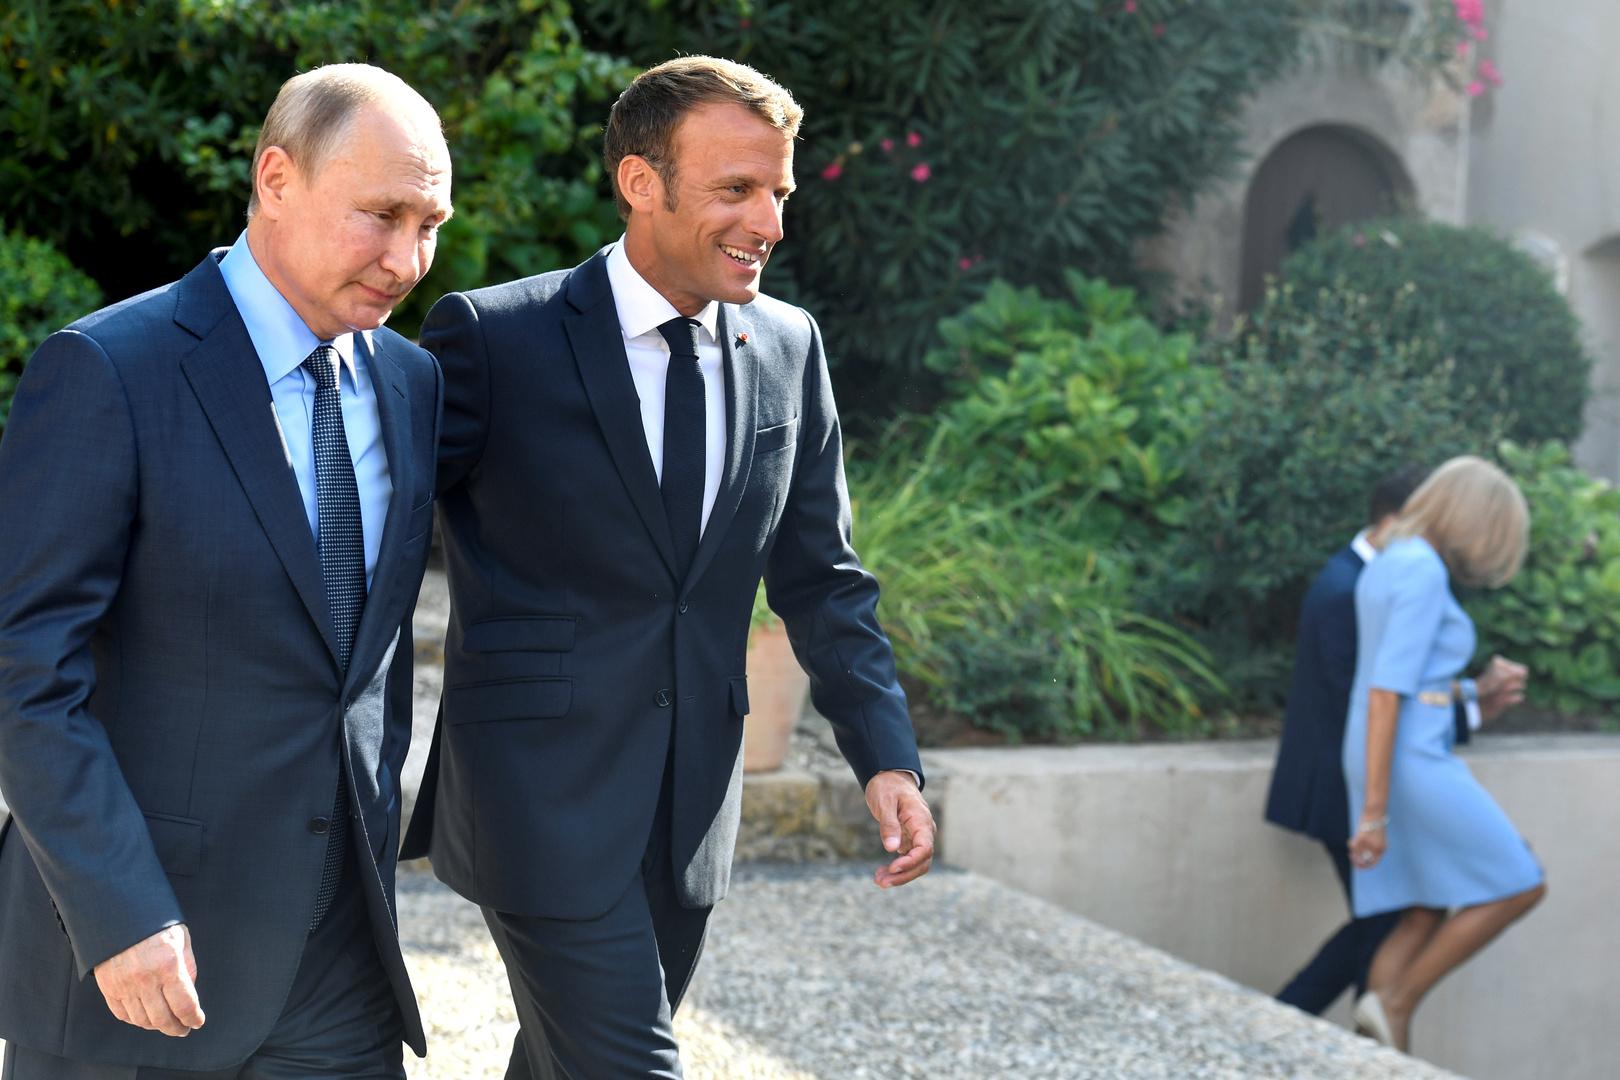 ماكرون يخطو لملاقاة بوتين.. وفي برلين يوجهون مزيدا من النقد لباريس